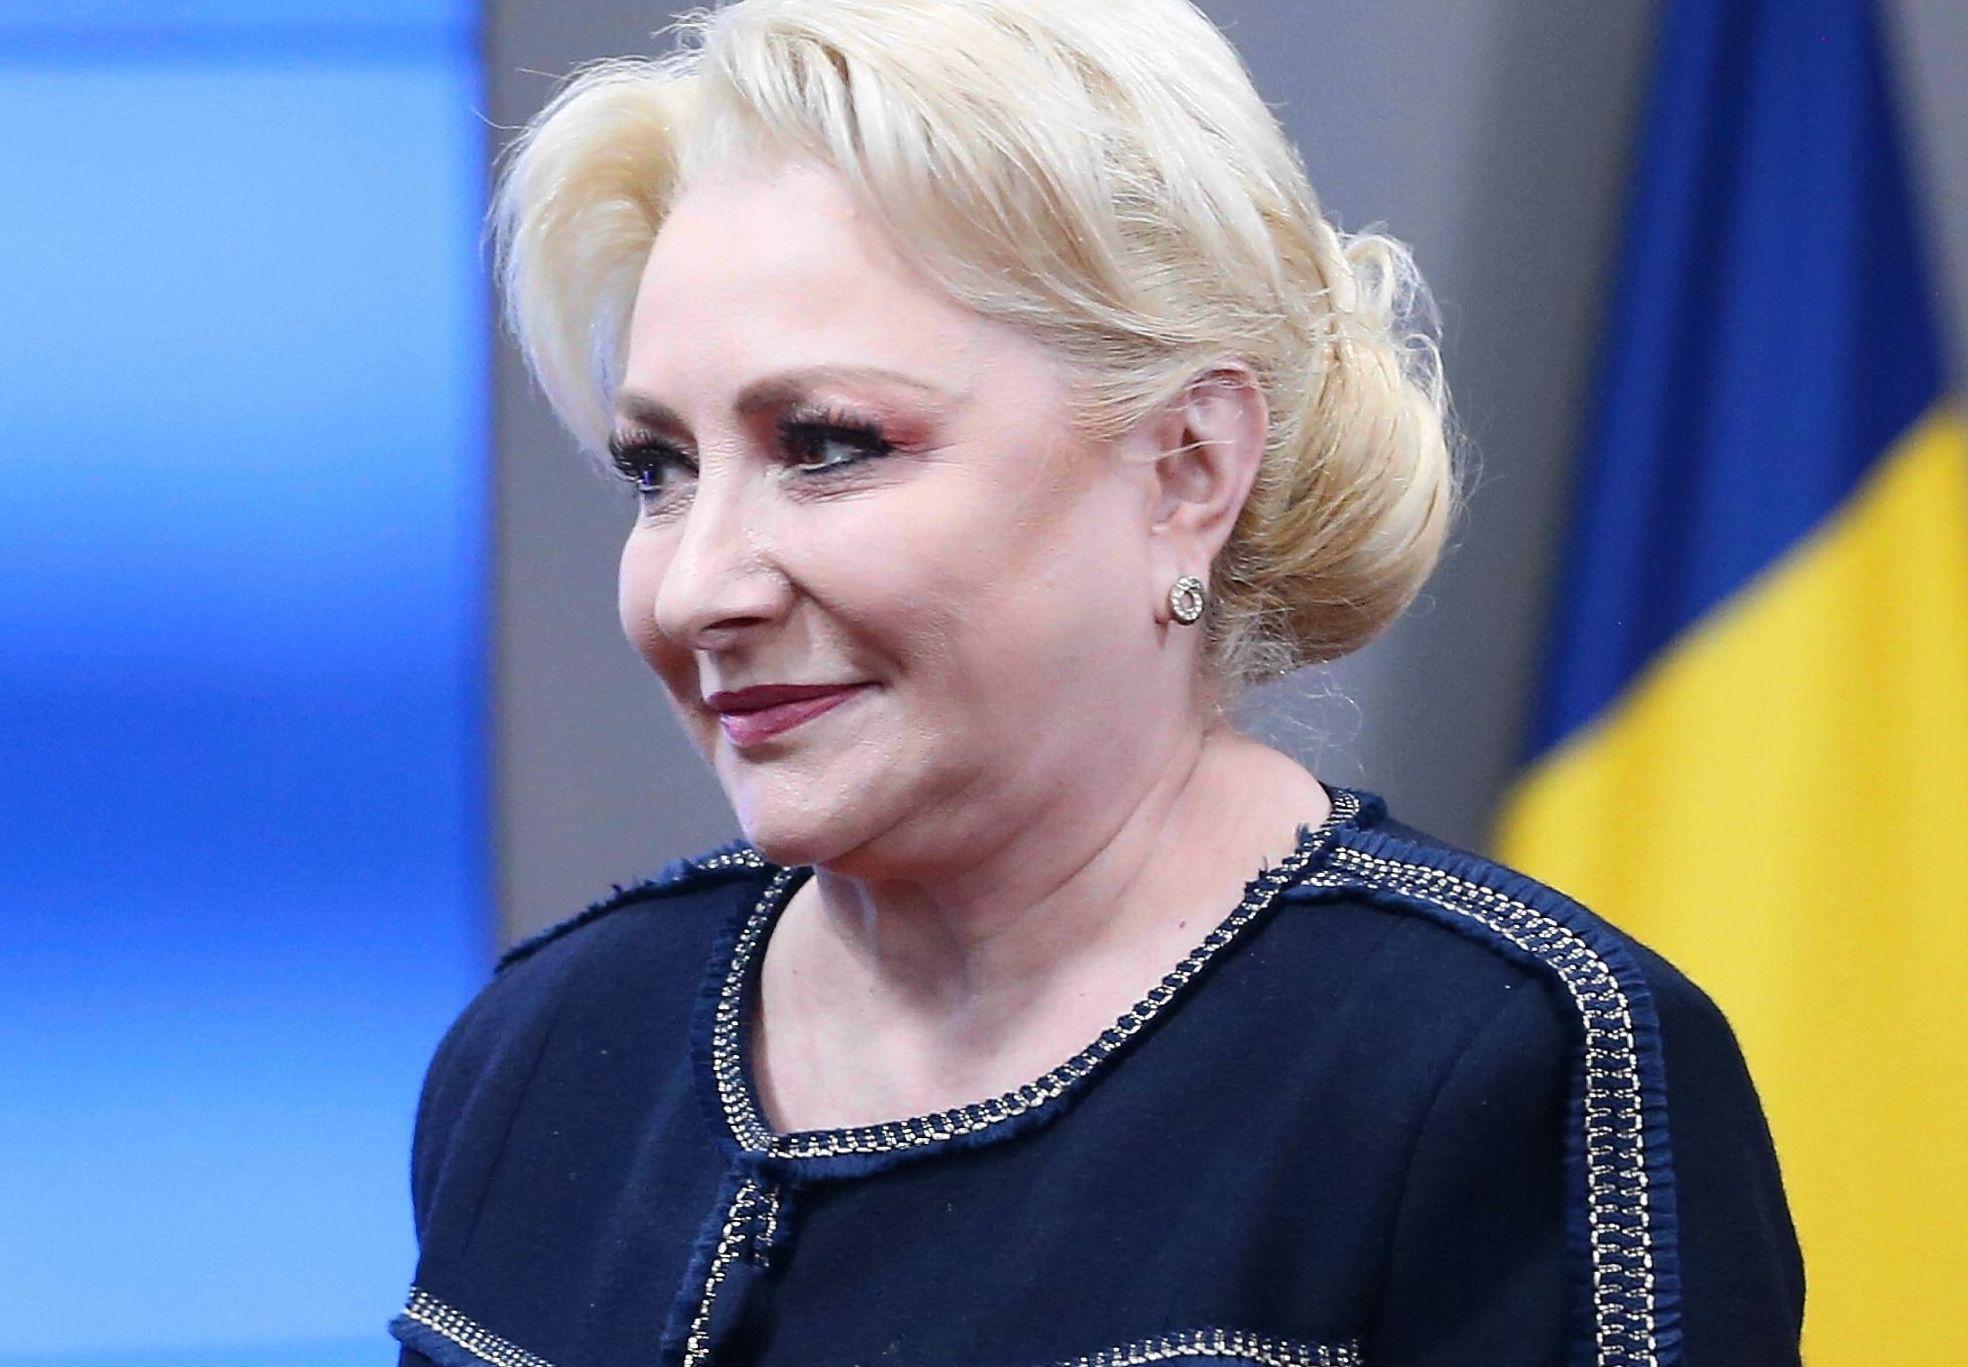 Dăncilă, primele declarații despre propria demisie, după ce Dragnea a fost condamnat definitiv